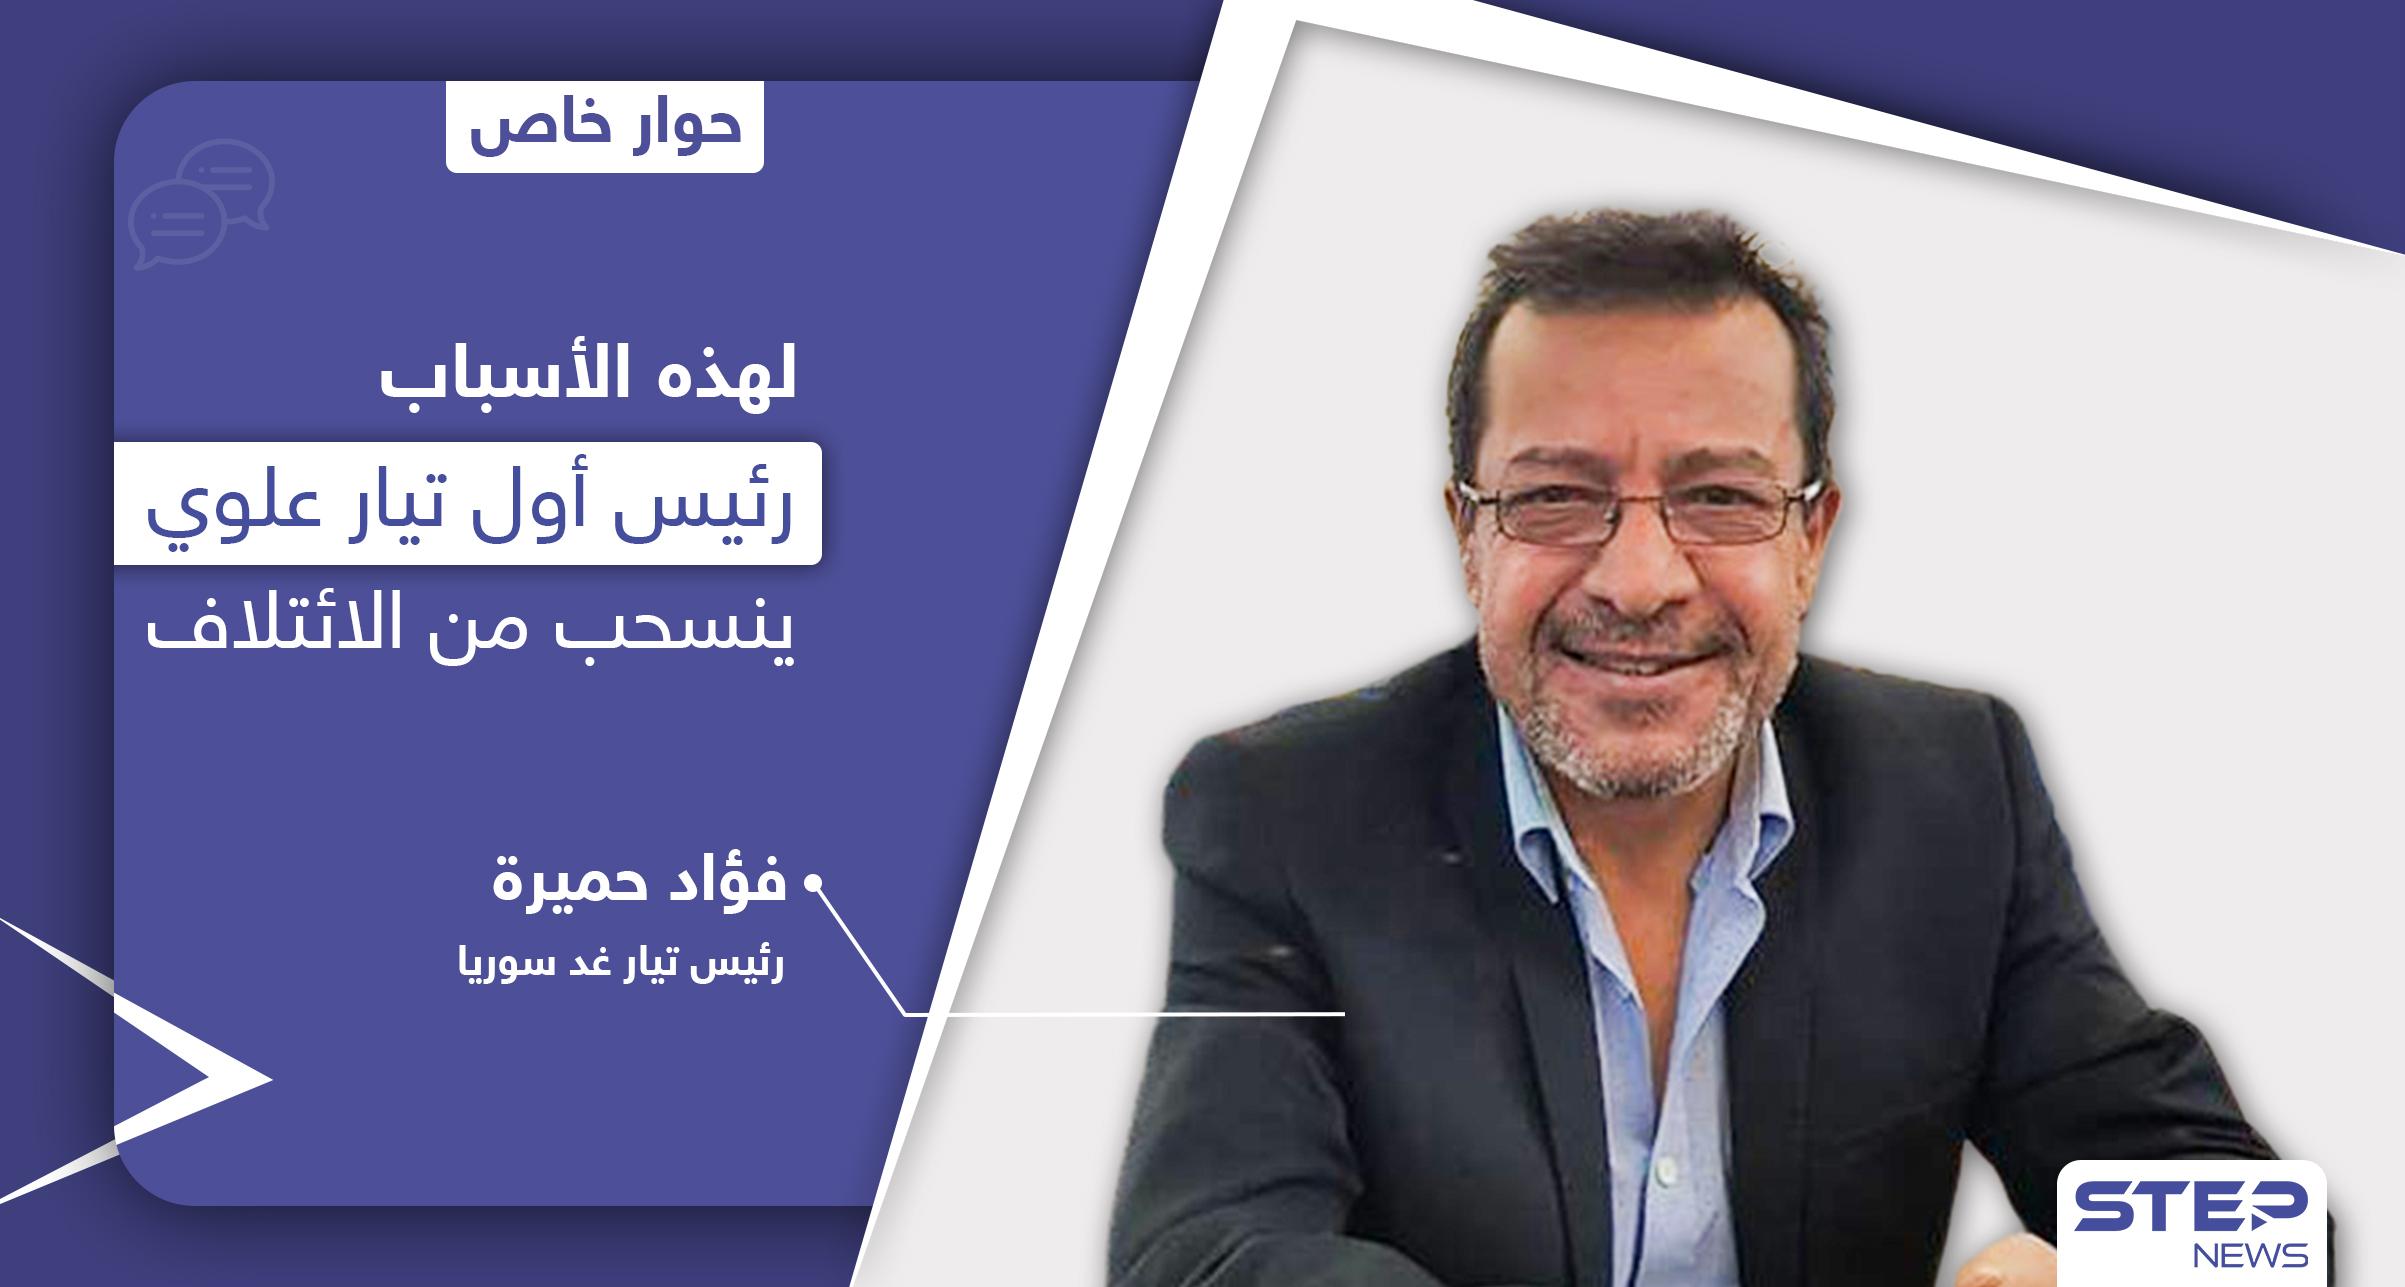 فؤاد حميرة